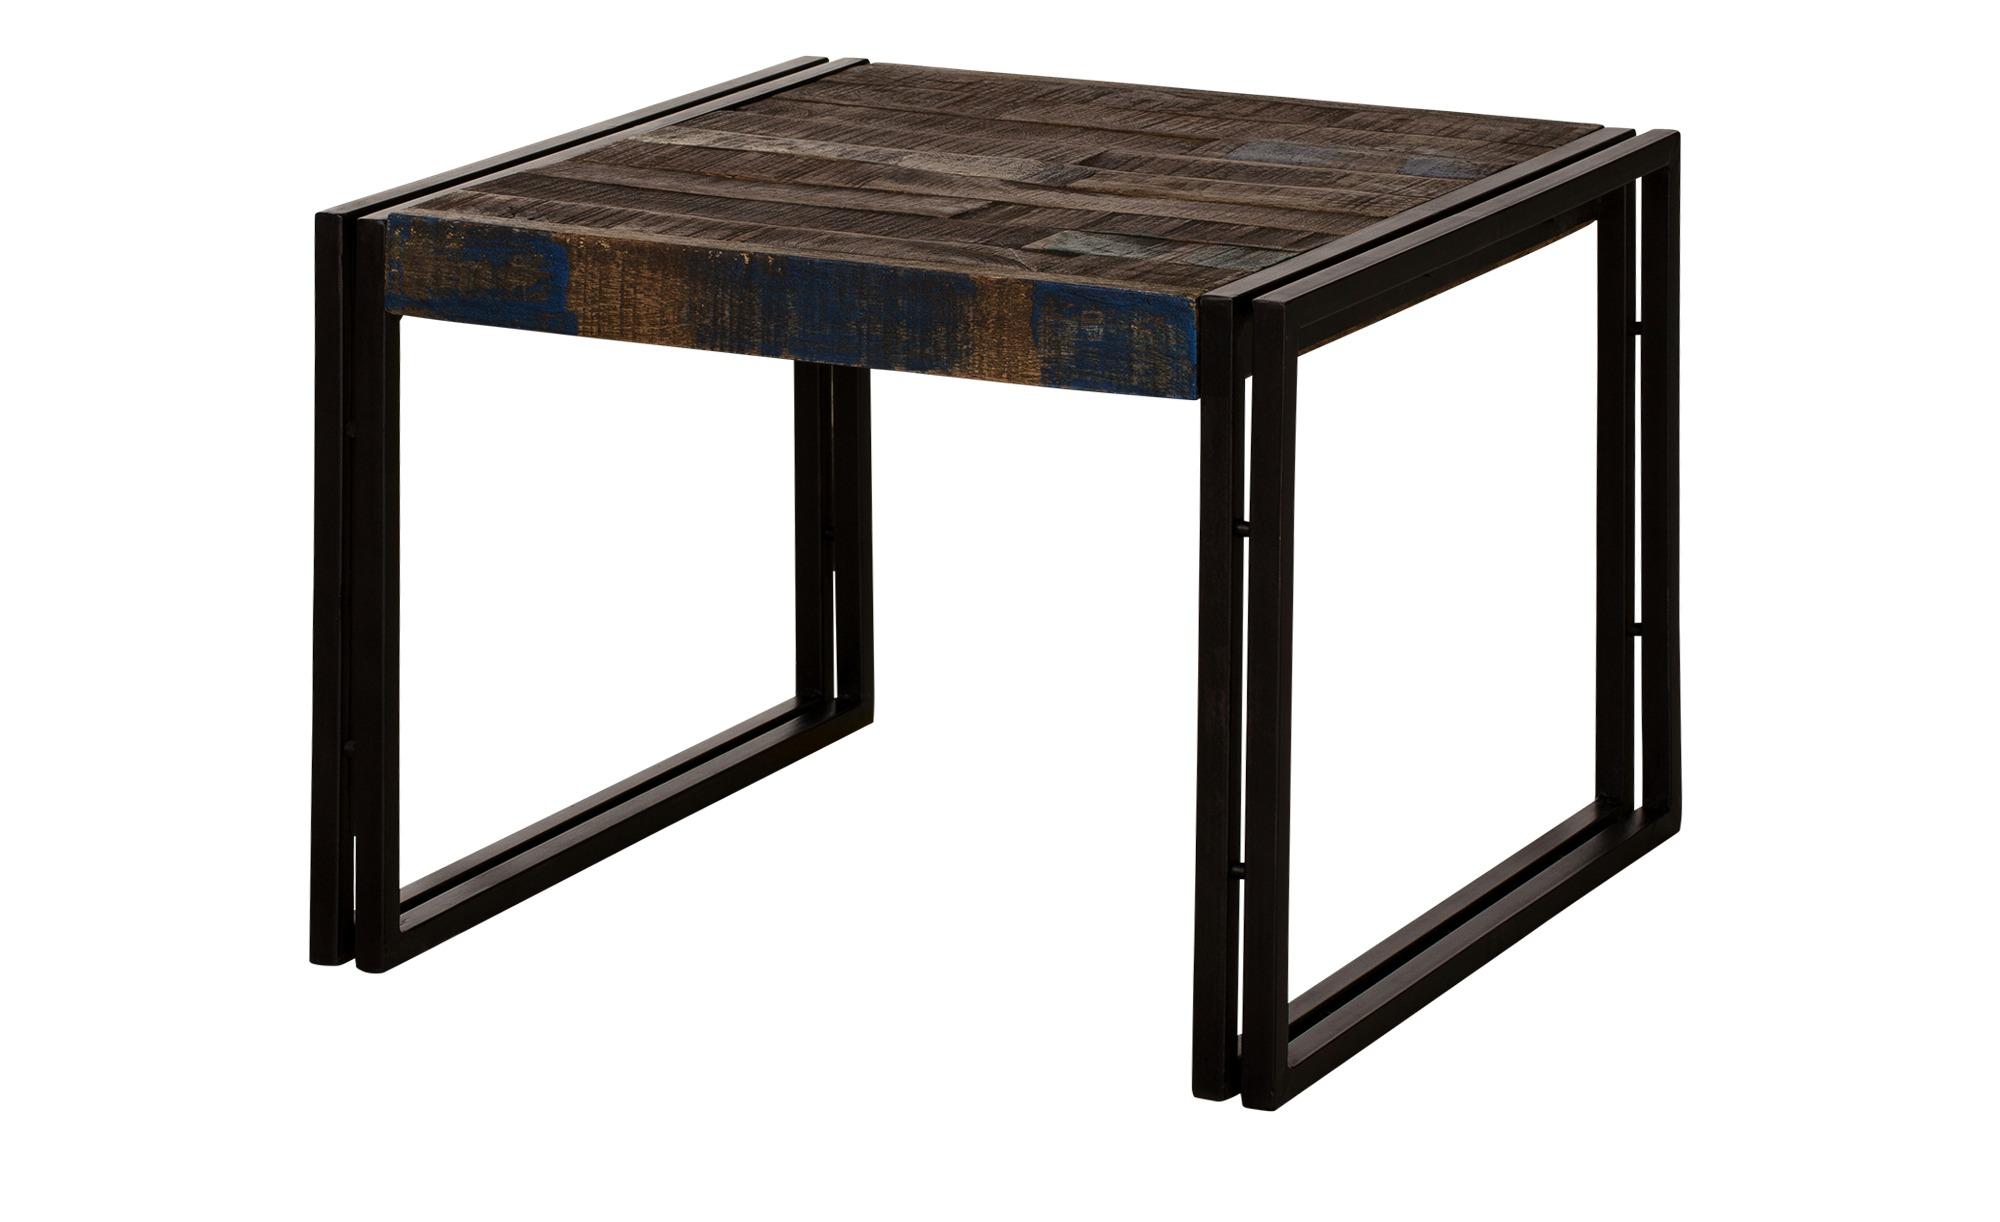 Couchtisch  Loft ¦ holzfarben ¦ Maße (cm): B: 60 H: 45 T: 60 Tische > Couchtische > Couchtisch Massivholz - Höffner